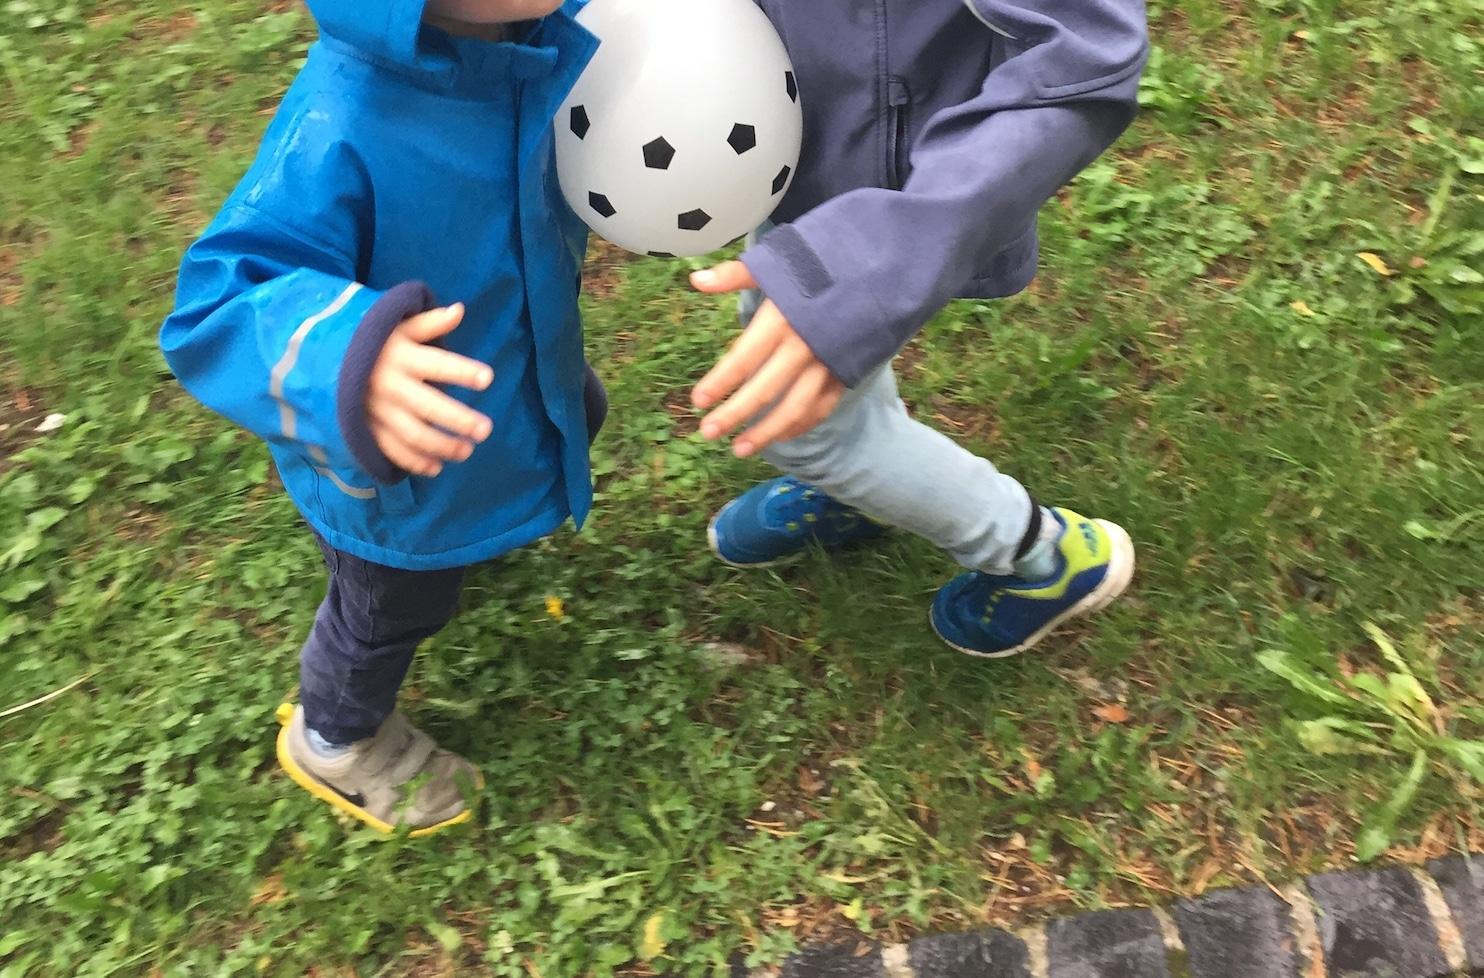 Spielideen für Fußball Kindergeburtstag